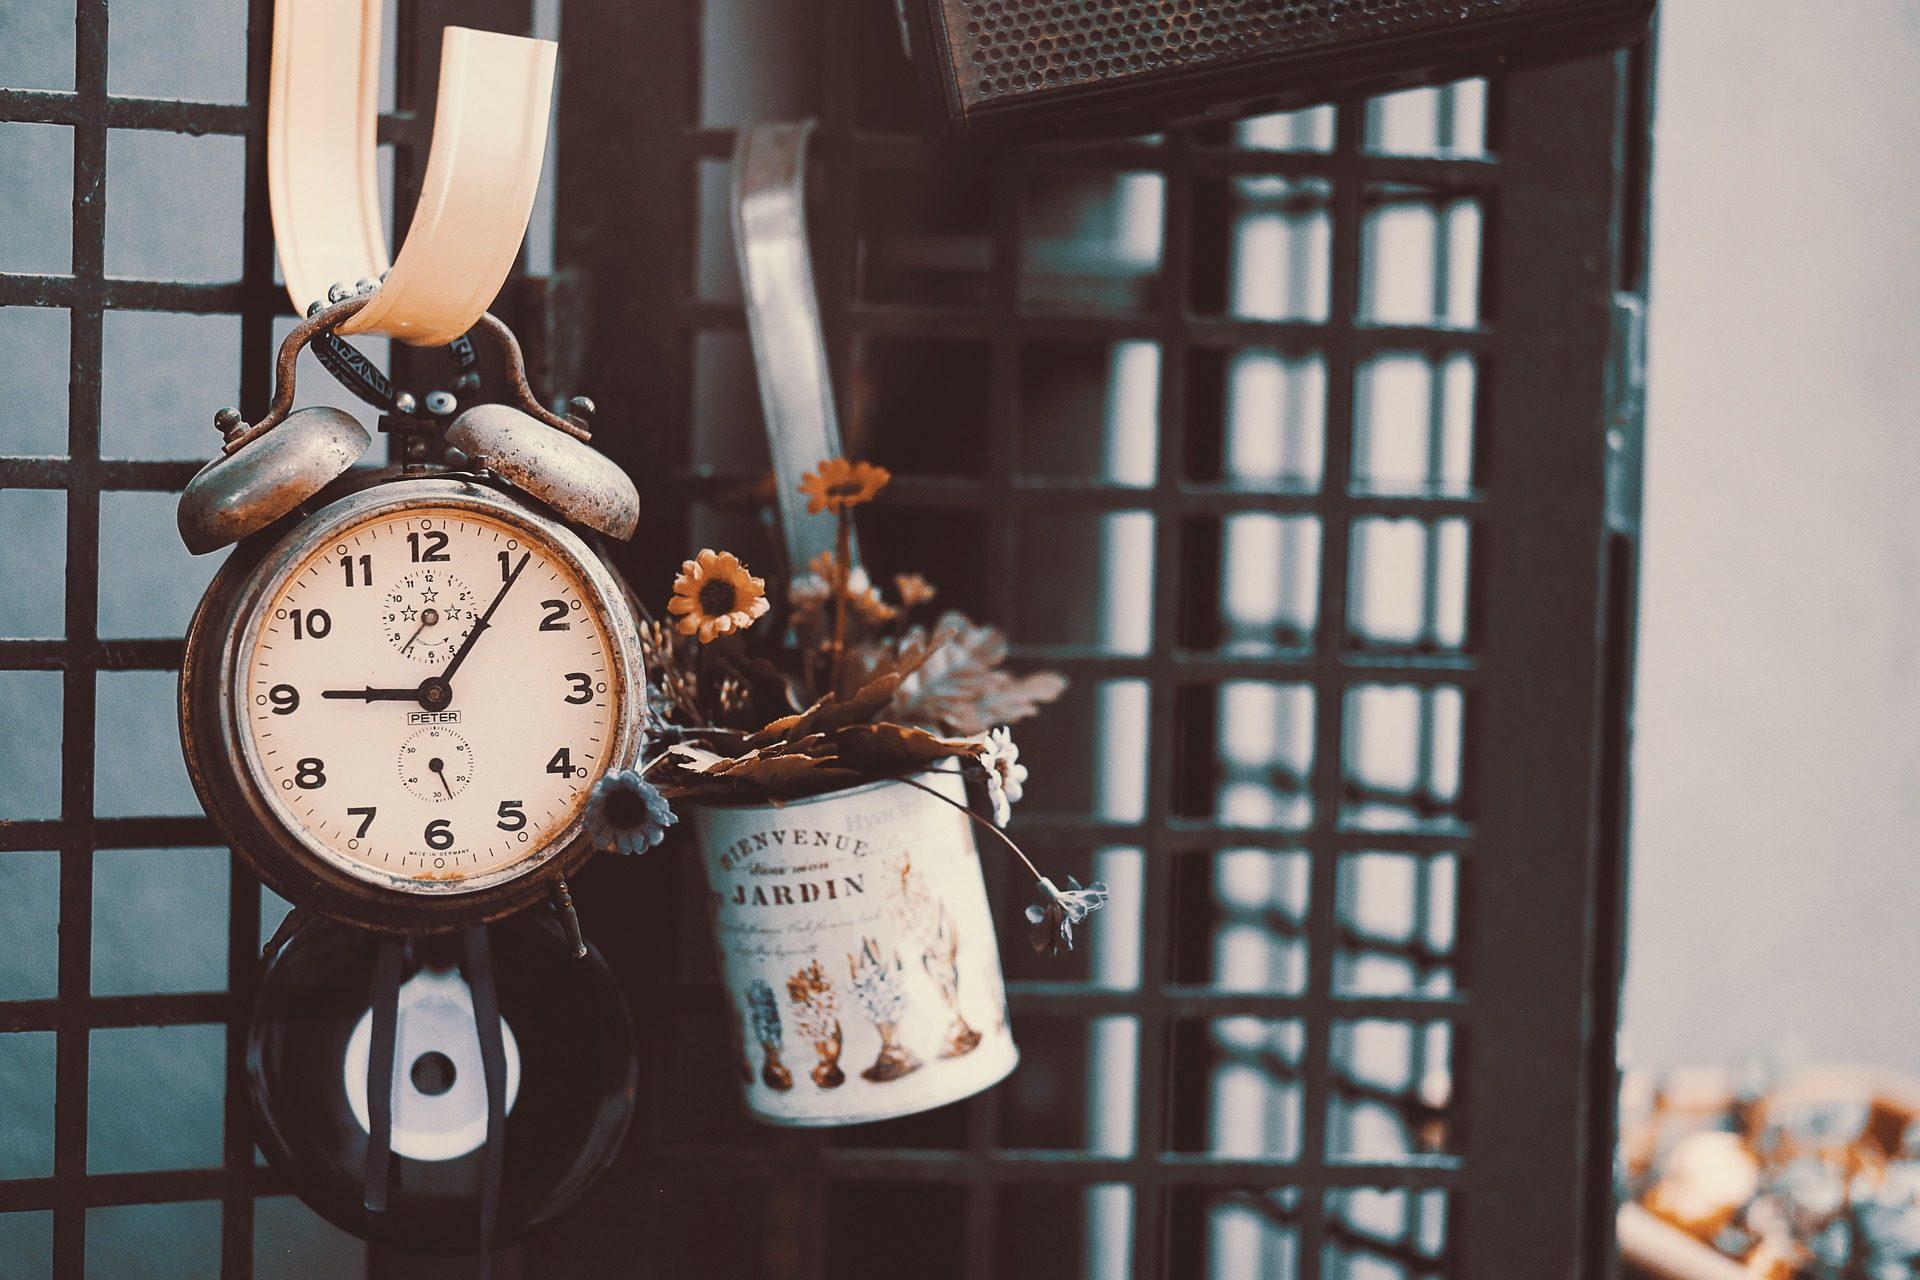 手表, 闹钟, 花盆, 沙田, 回收, 复古, 年份 - 高清壁纸 - 教授-falken.com